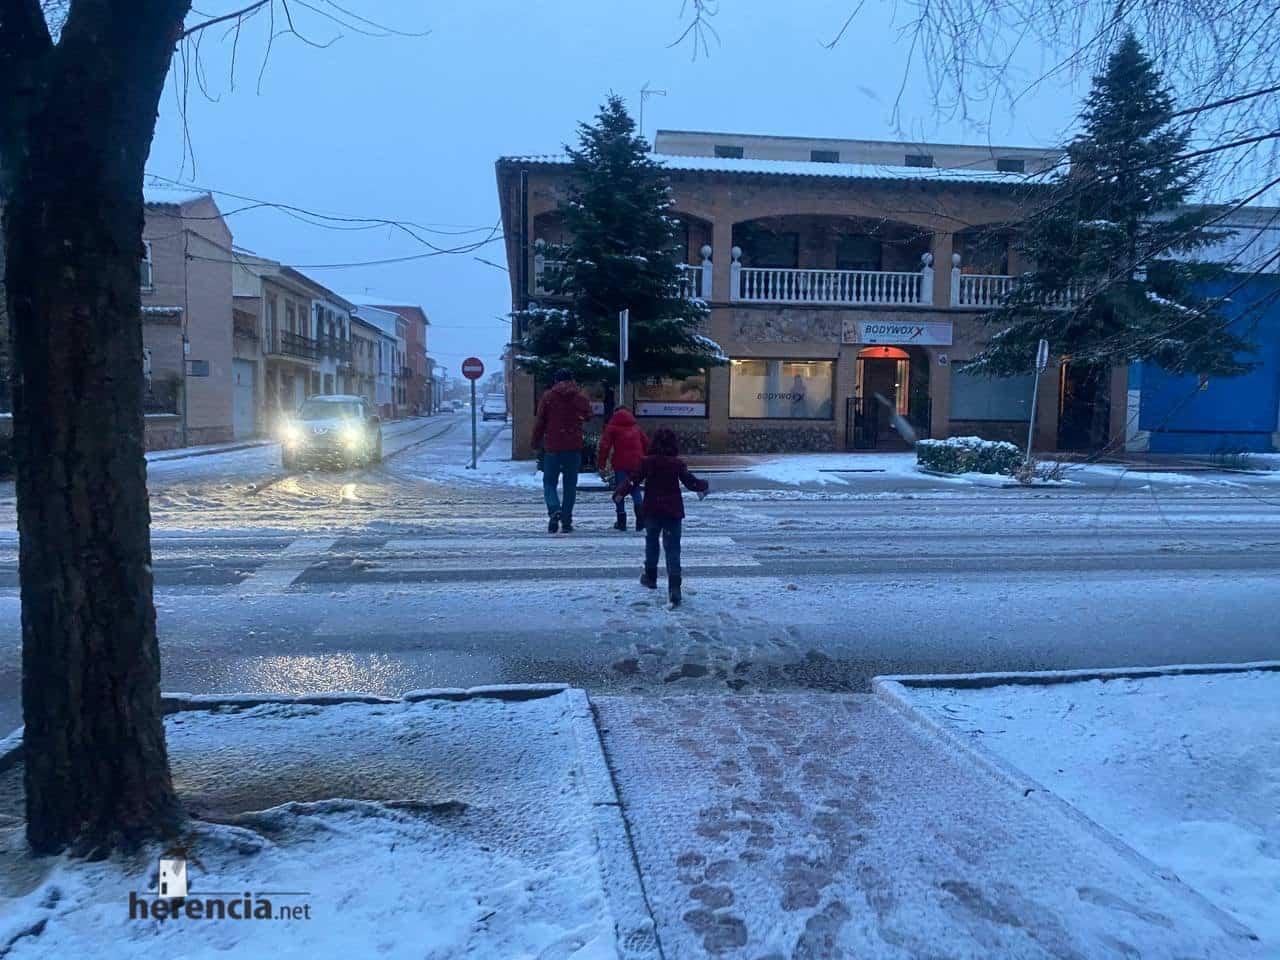 Más fotografías de las nieves de 2021 en Herencia 141